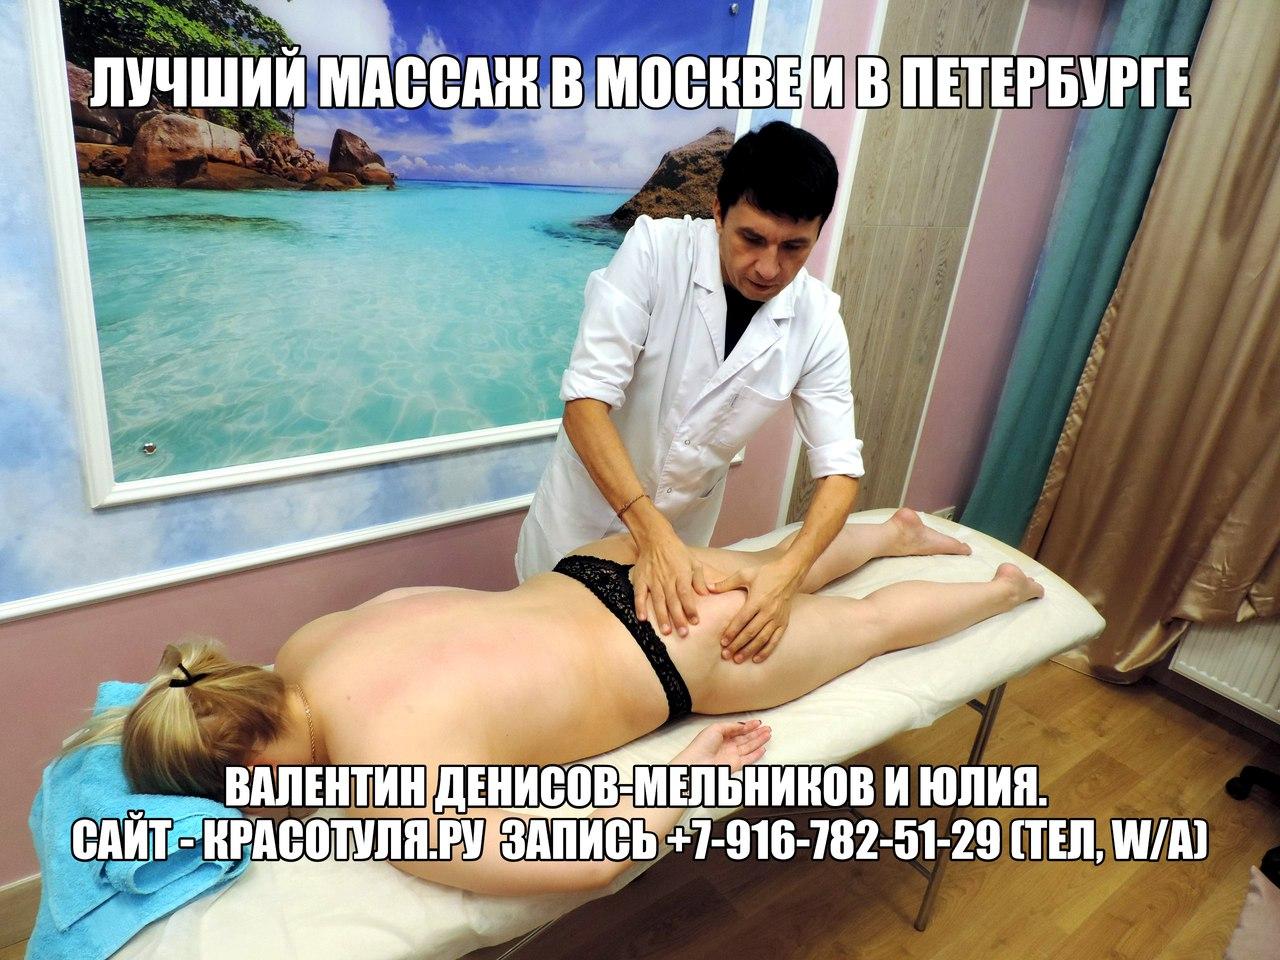 возбуждающий массаж, возбужденный массаж, возбудил массажем, возбуждающий массаж для женщины,